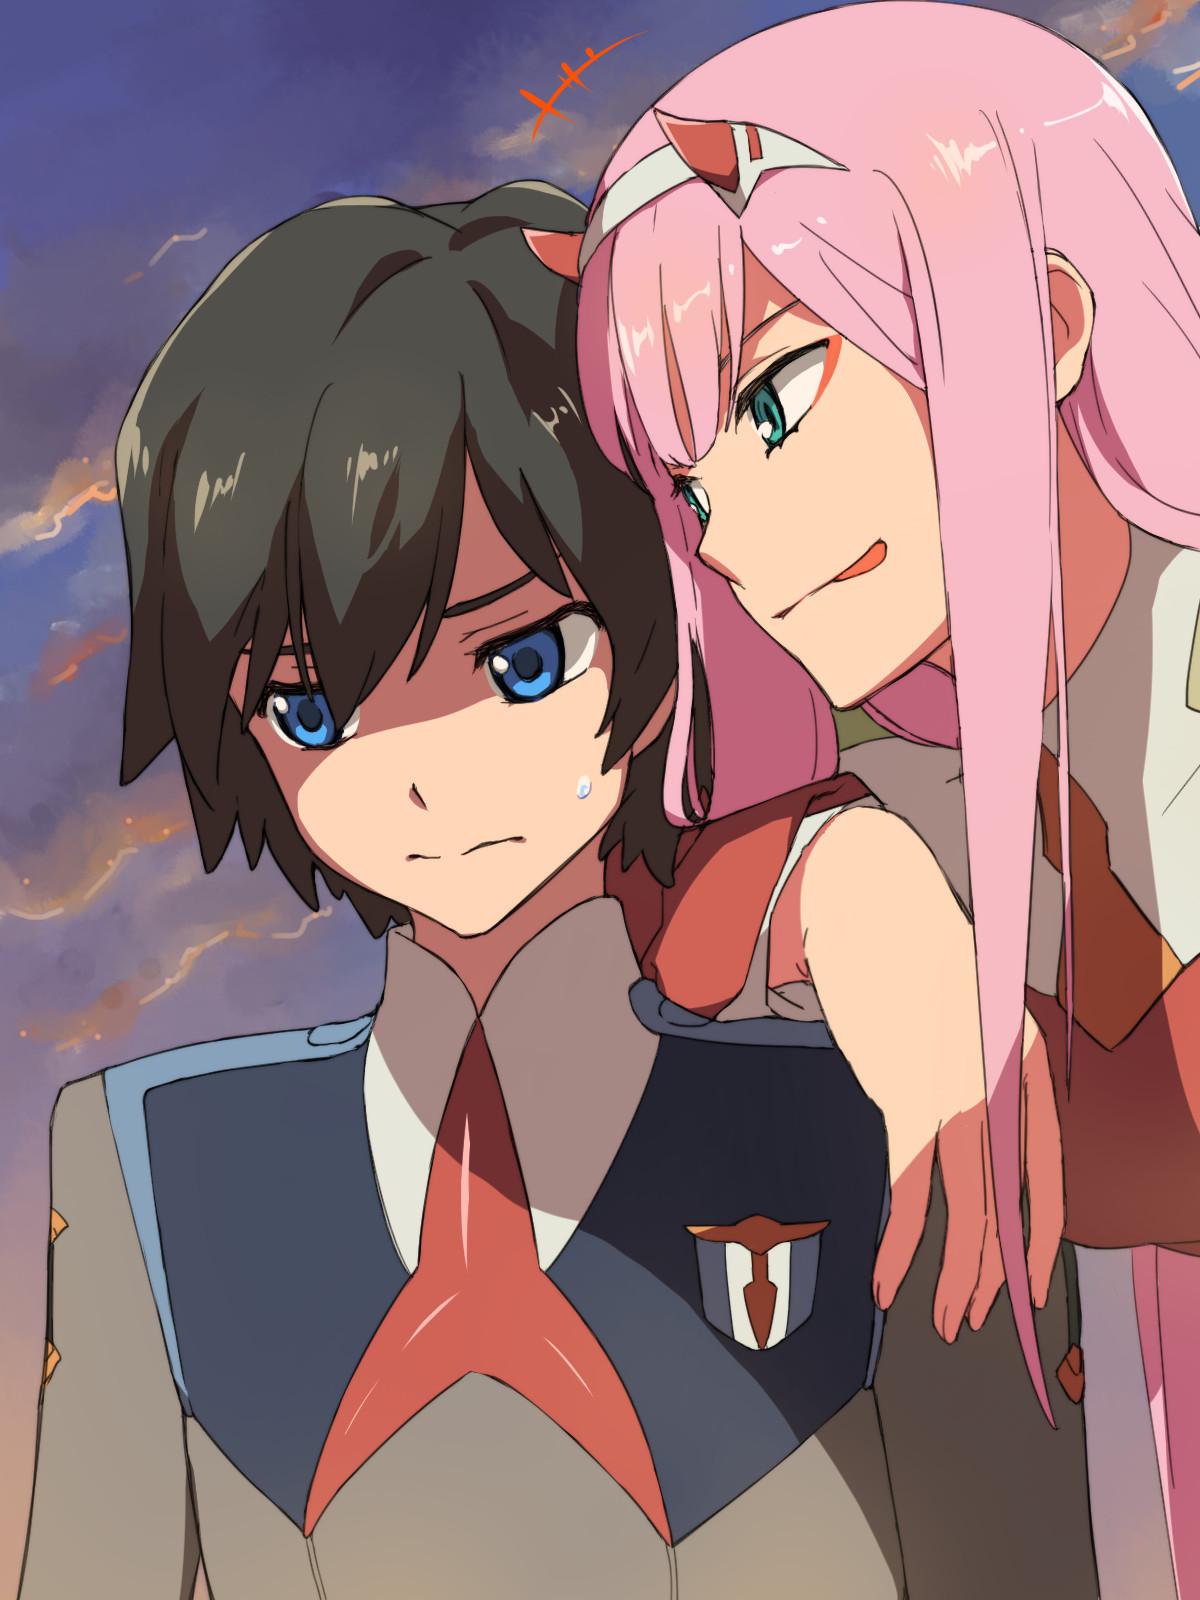 Darling In The Franxx Wallpaper Zerochan Anime Image Board